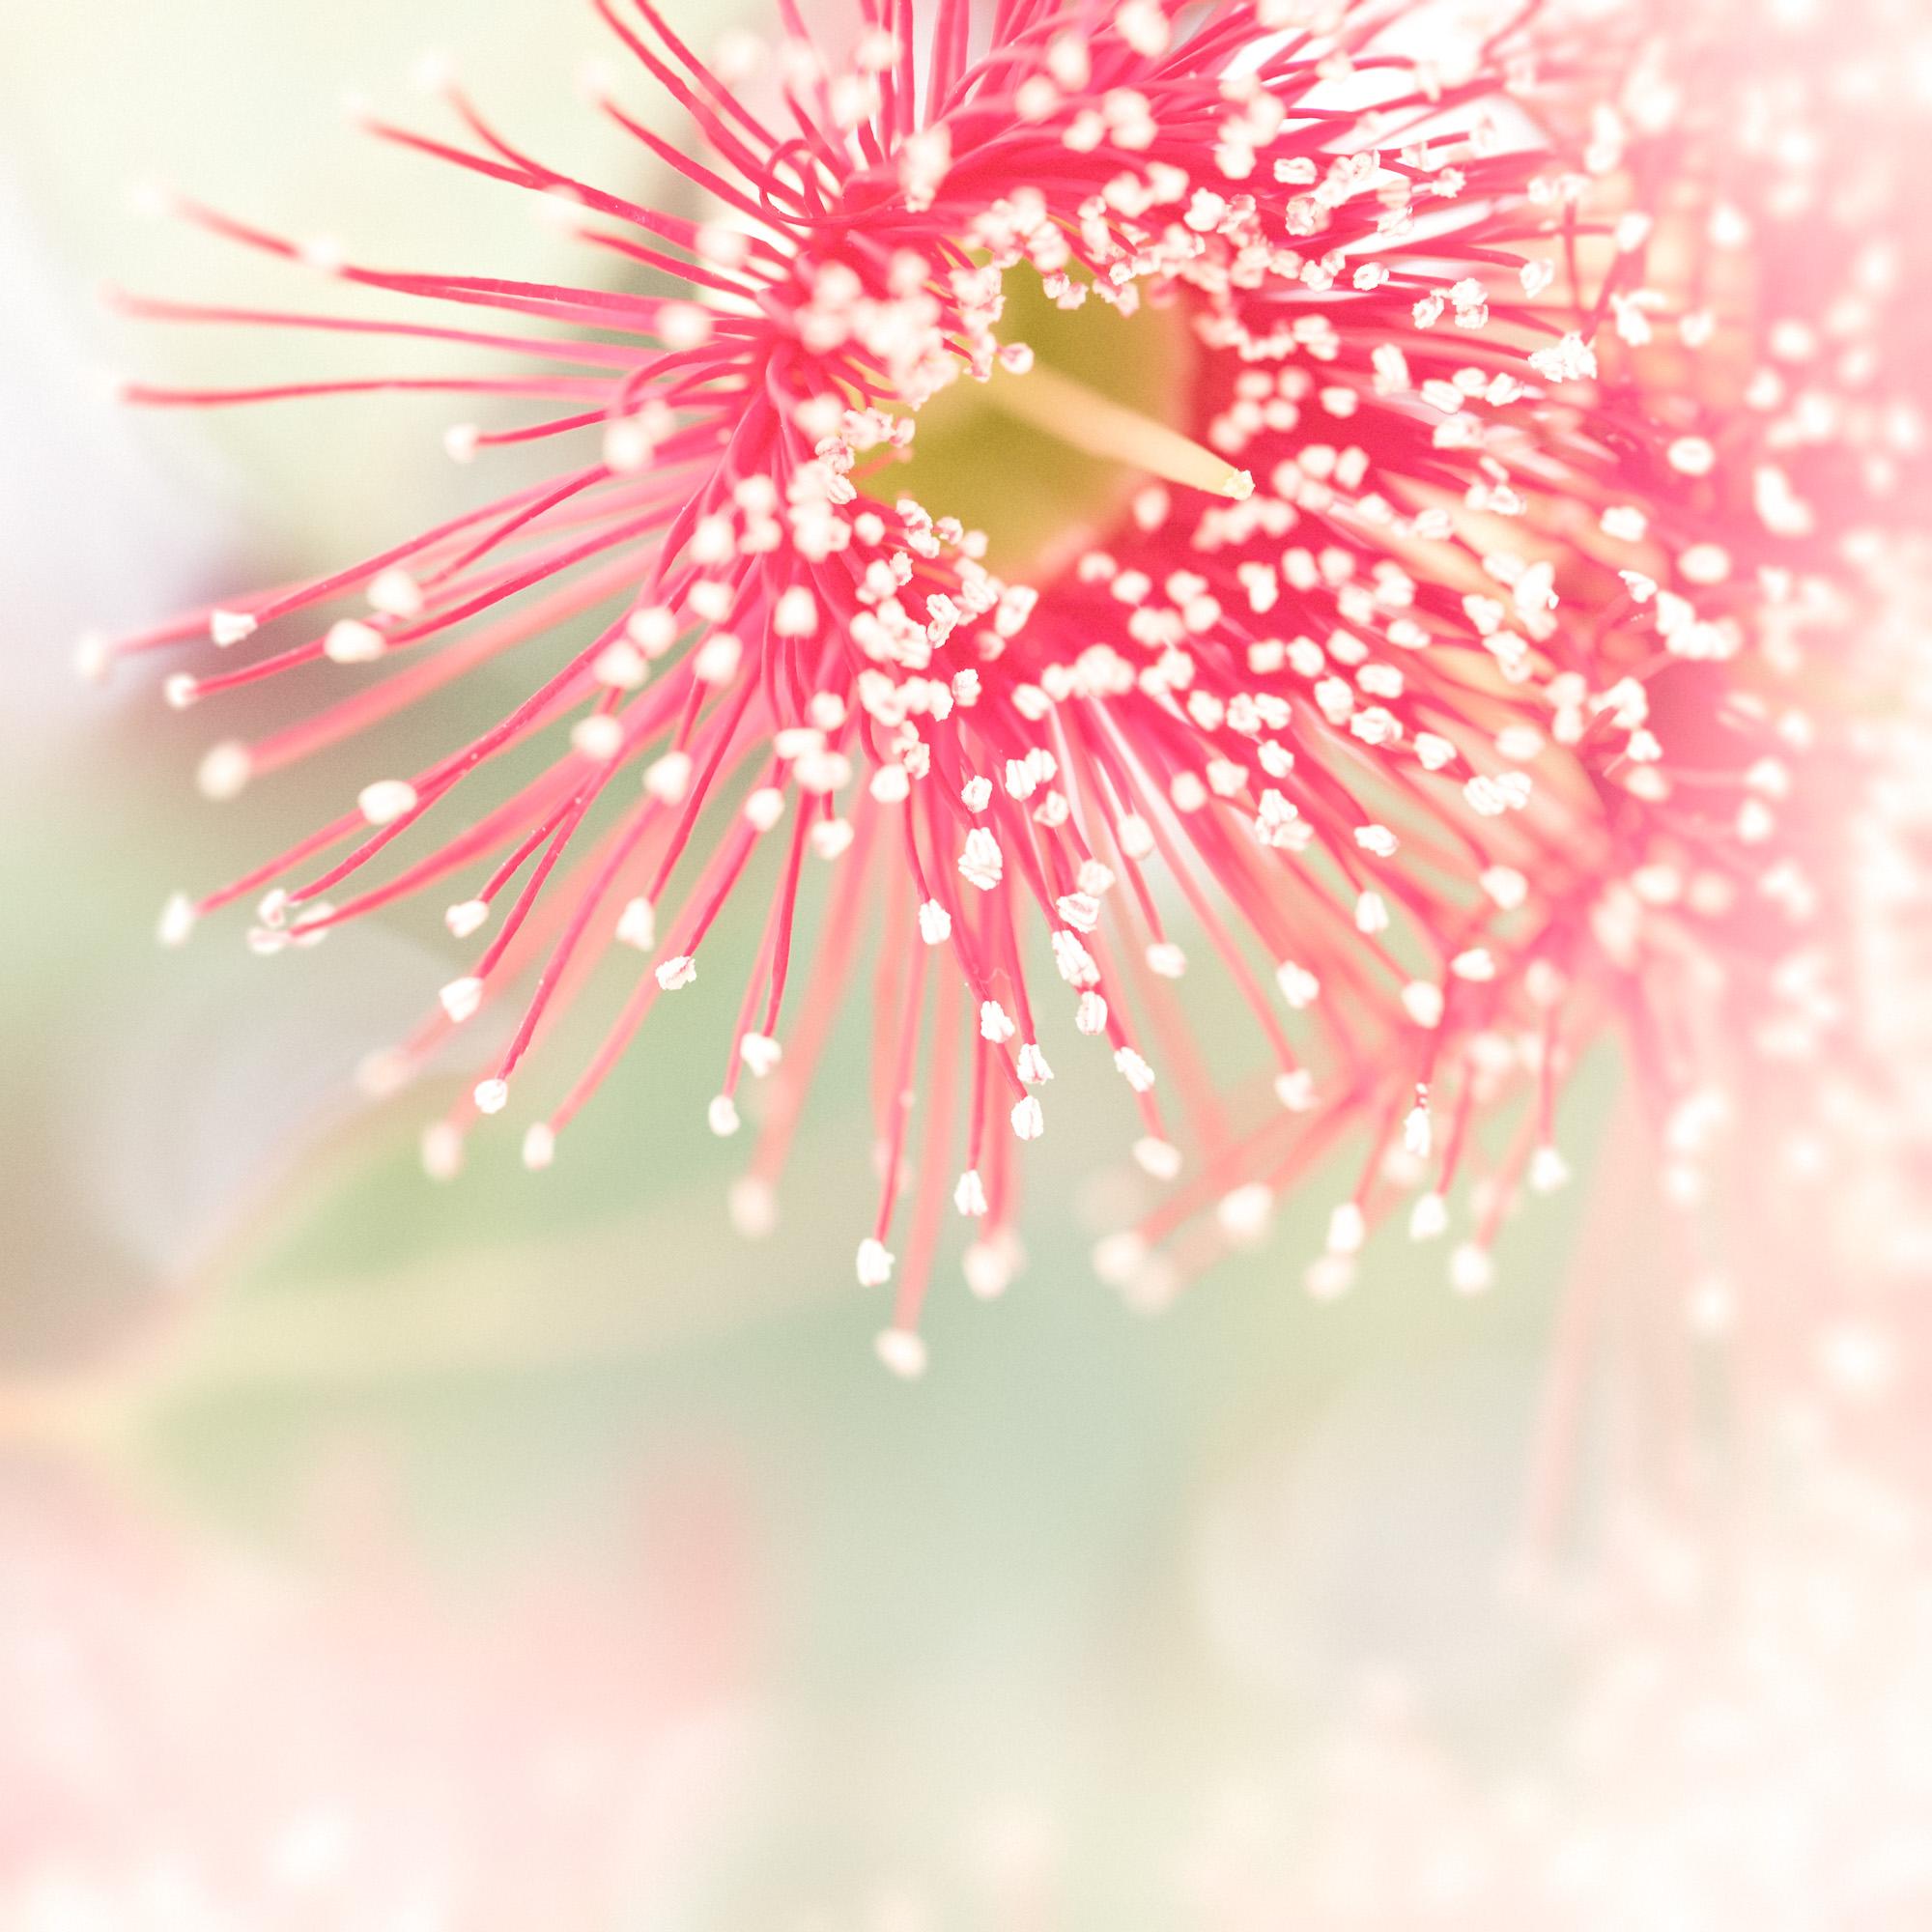 Eucalypt Blossom Study 4